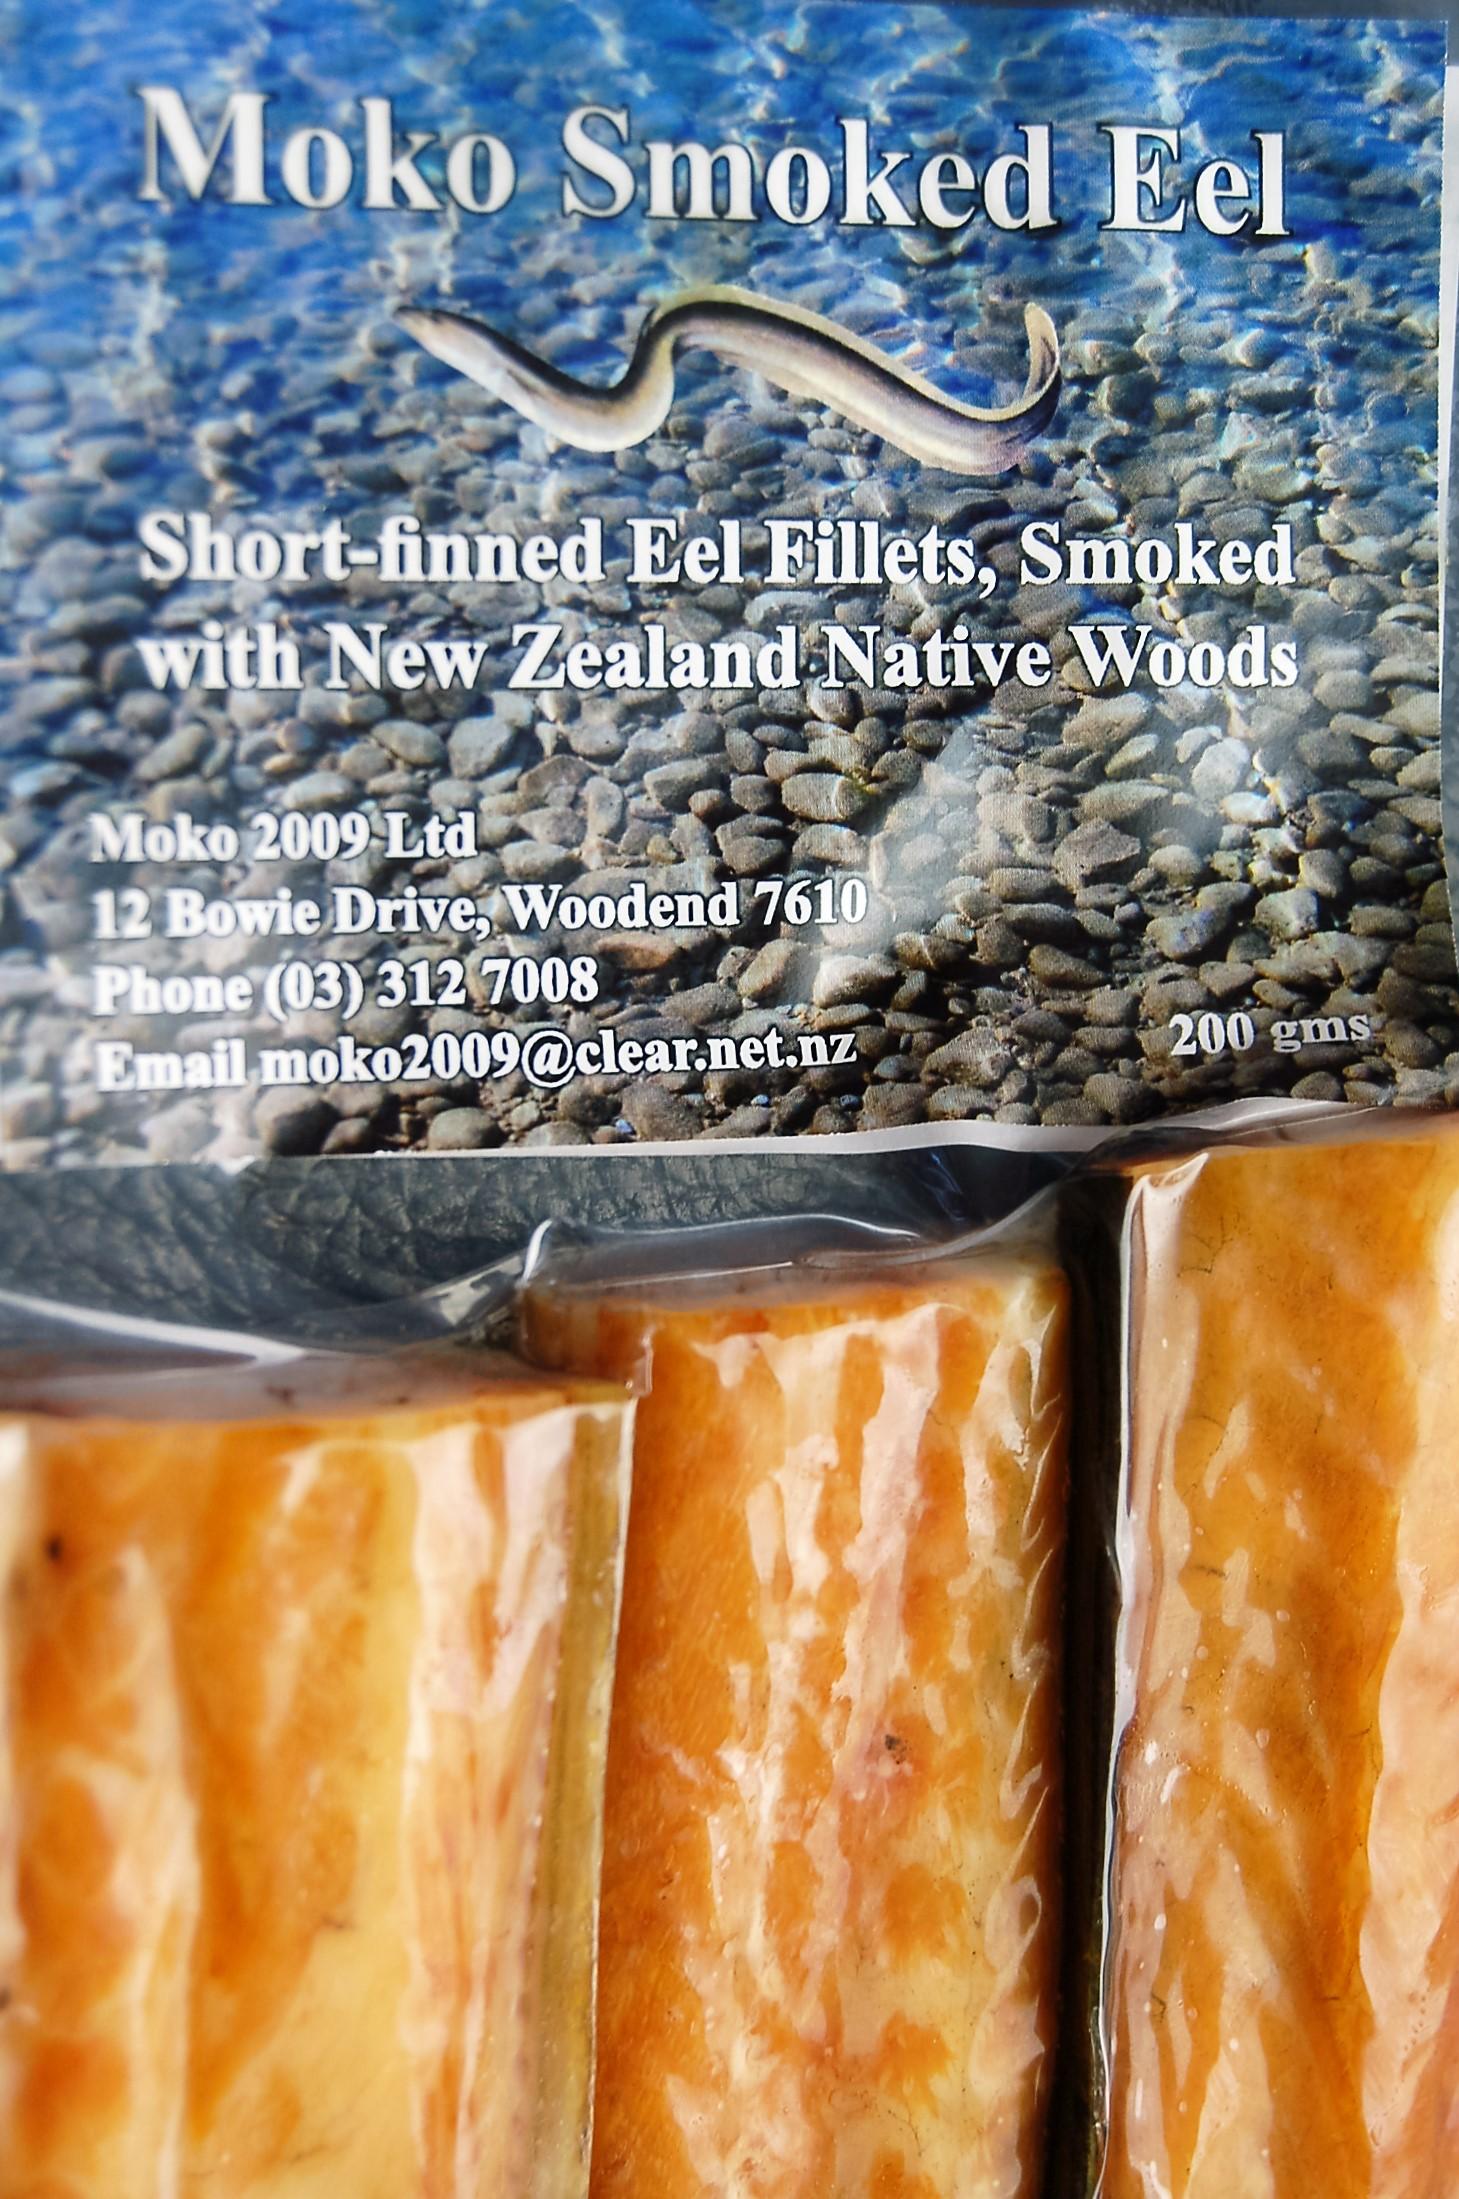 Moko Smoked Eel Image 3